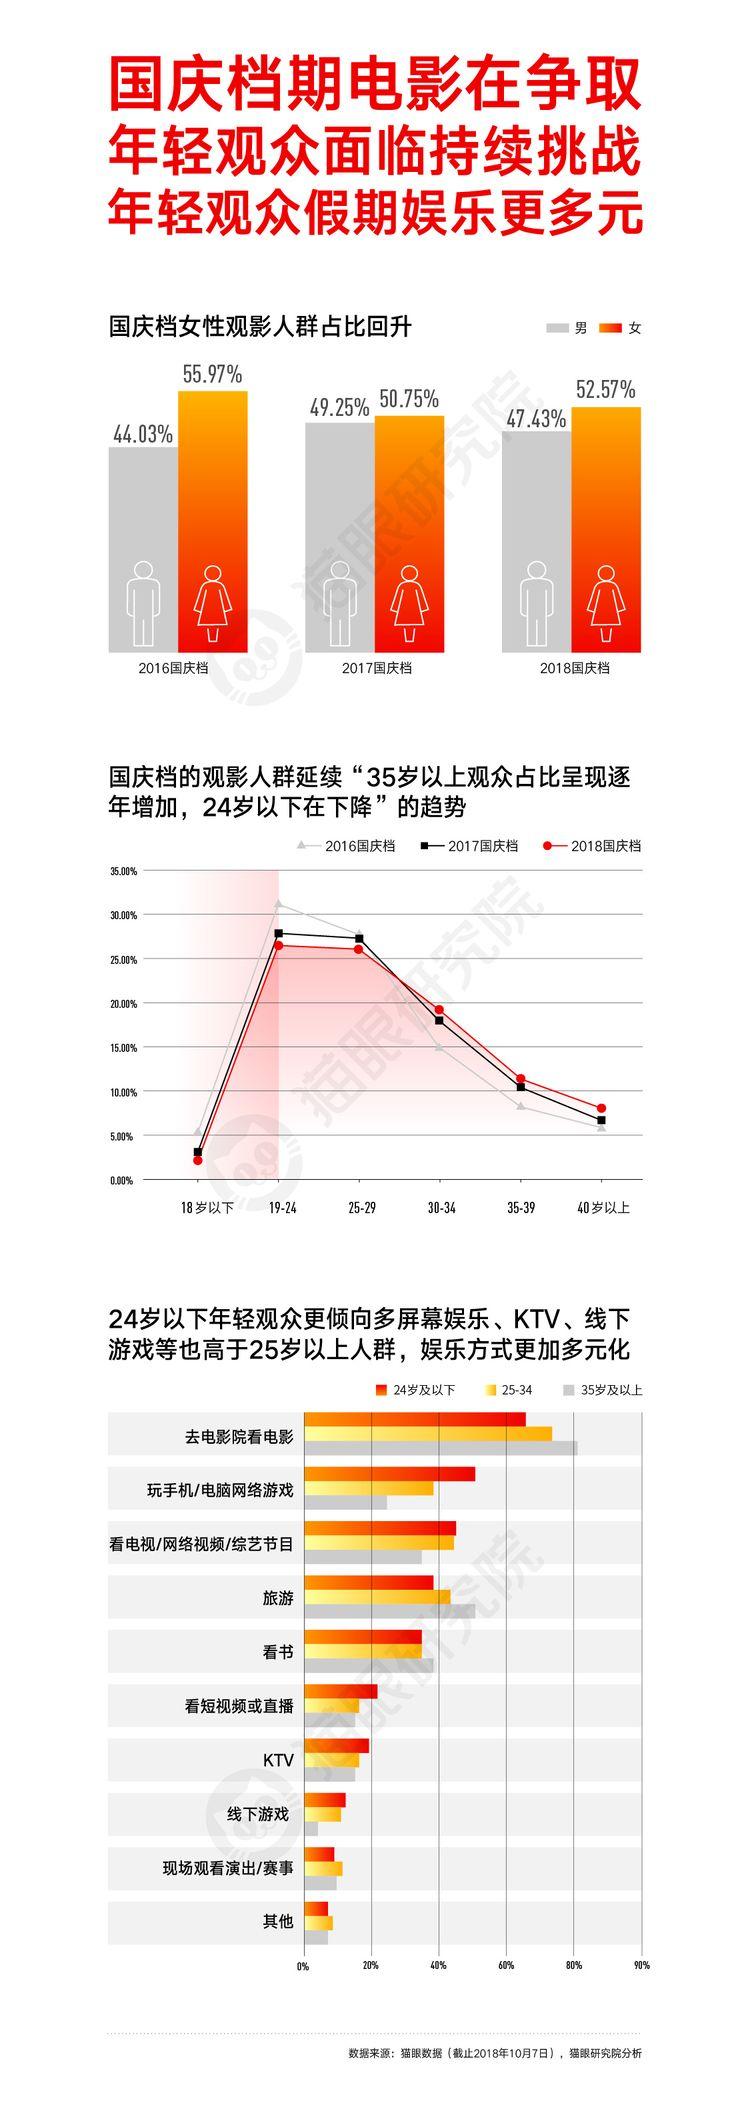 猫眼国庆数据图20181008-09.jpg